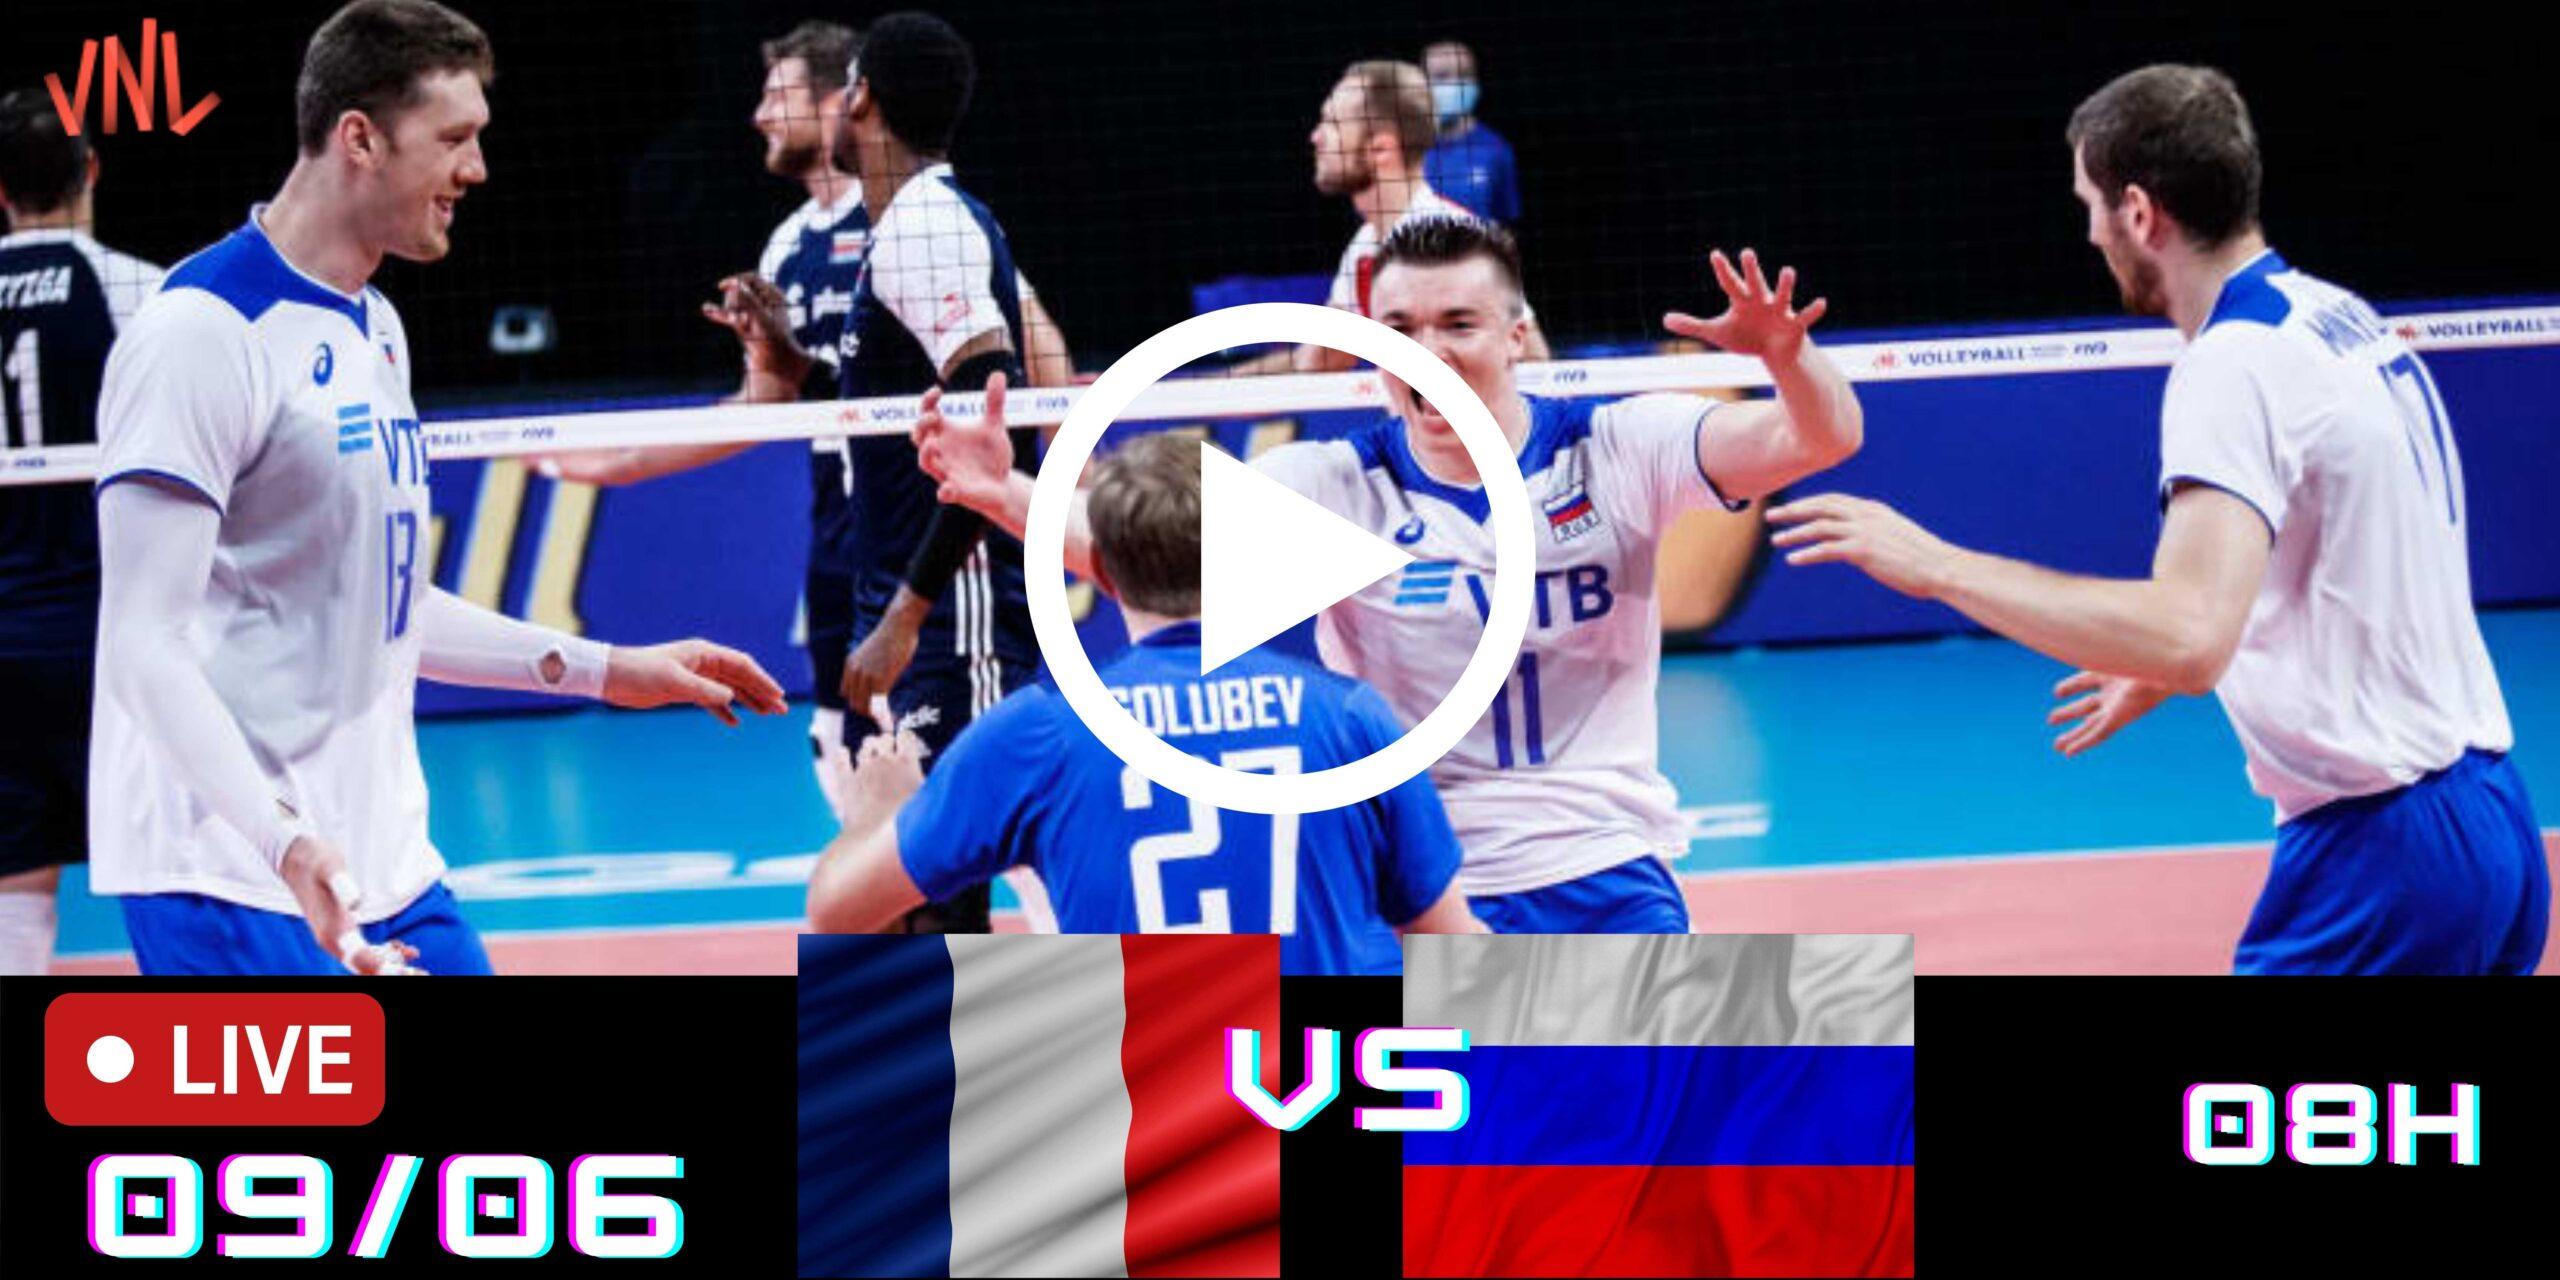 Resultado: França 3 vs 1 Rússia – Liga das Nações – 09/06/2021